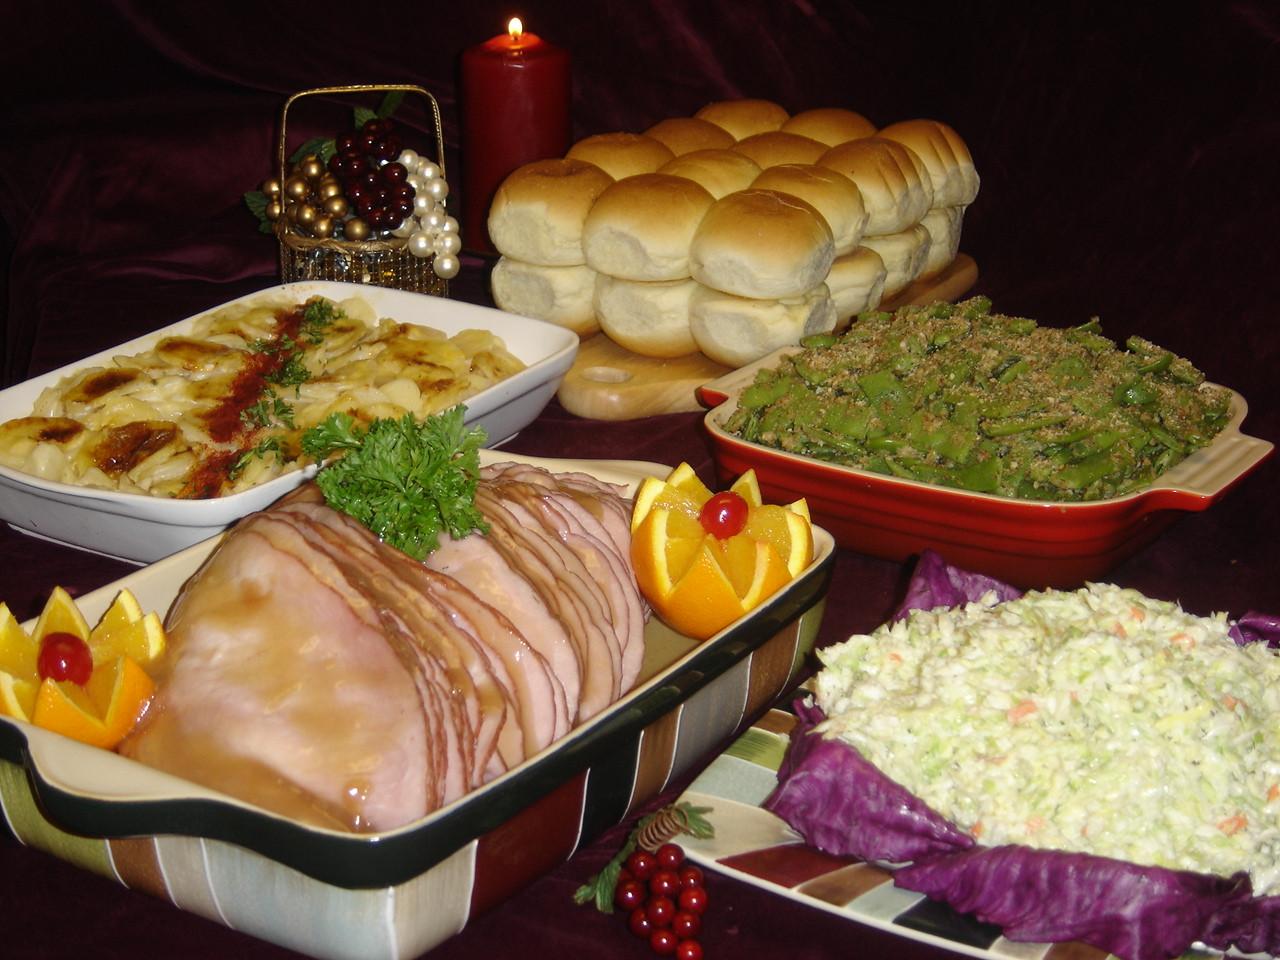 Meats For Easter Dinner  Hop into Schiff's for Easter Dinner made easy